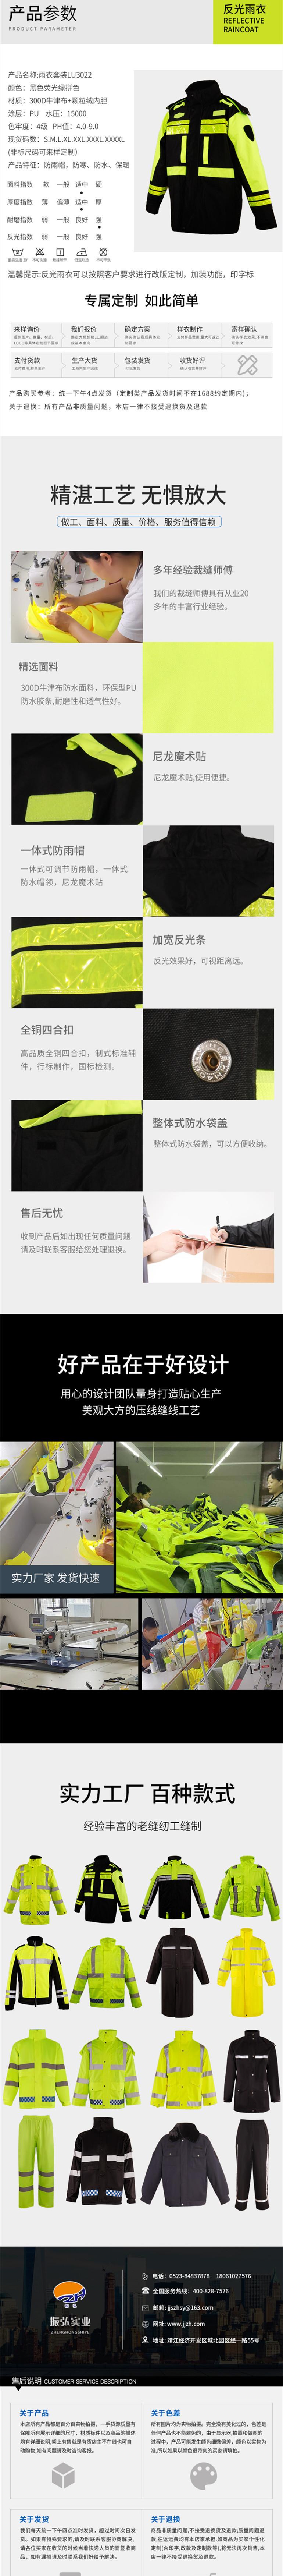 反光雨衣LU3022 详情页_副本